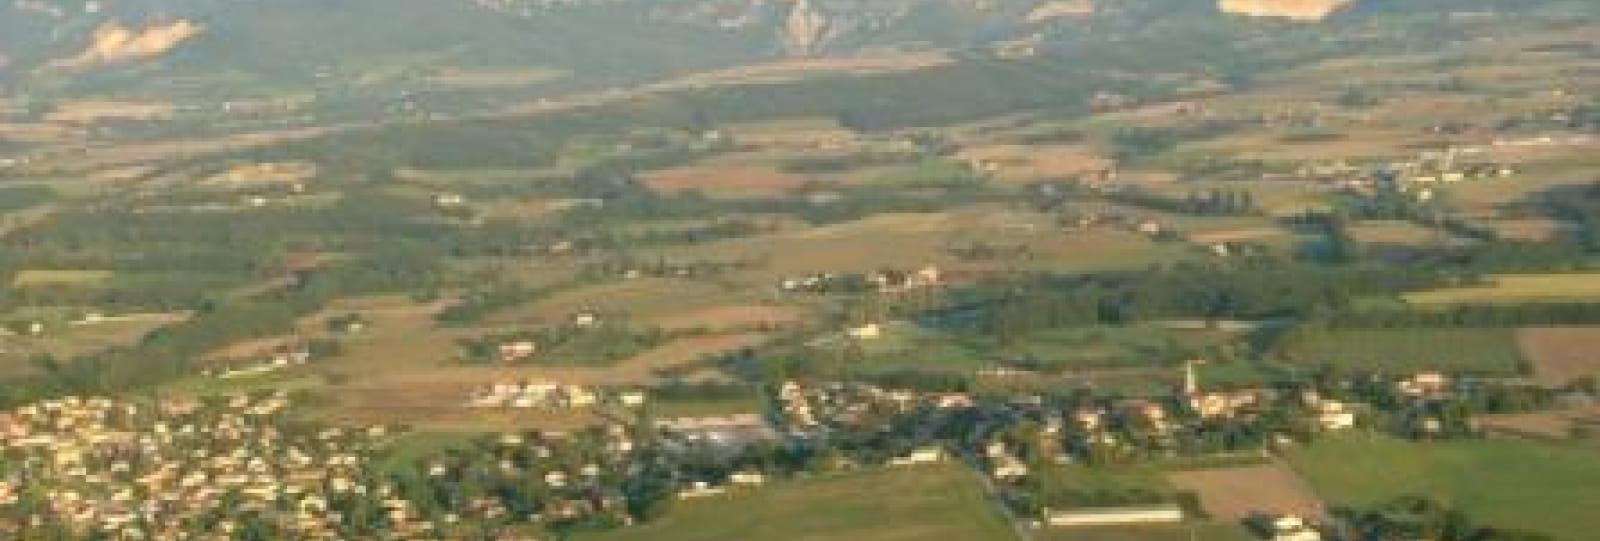 Village de Chatuzange-le-Goubet